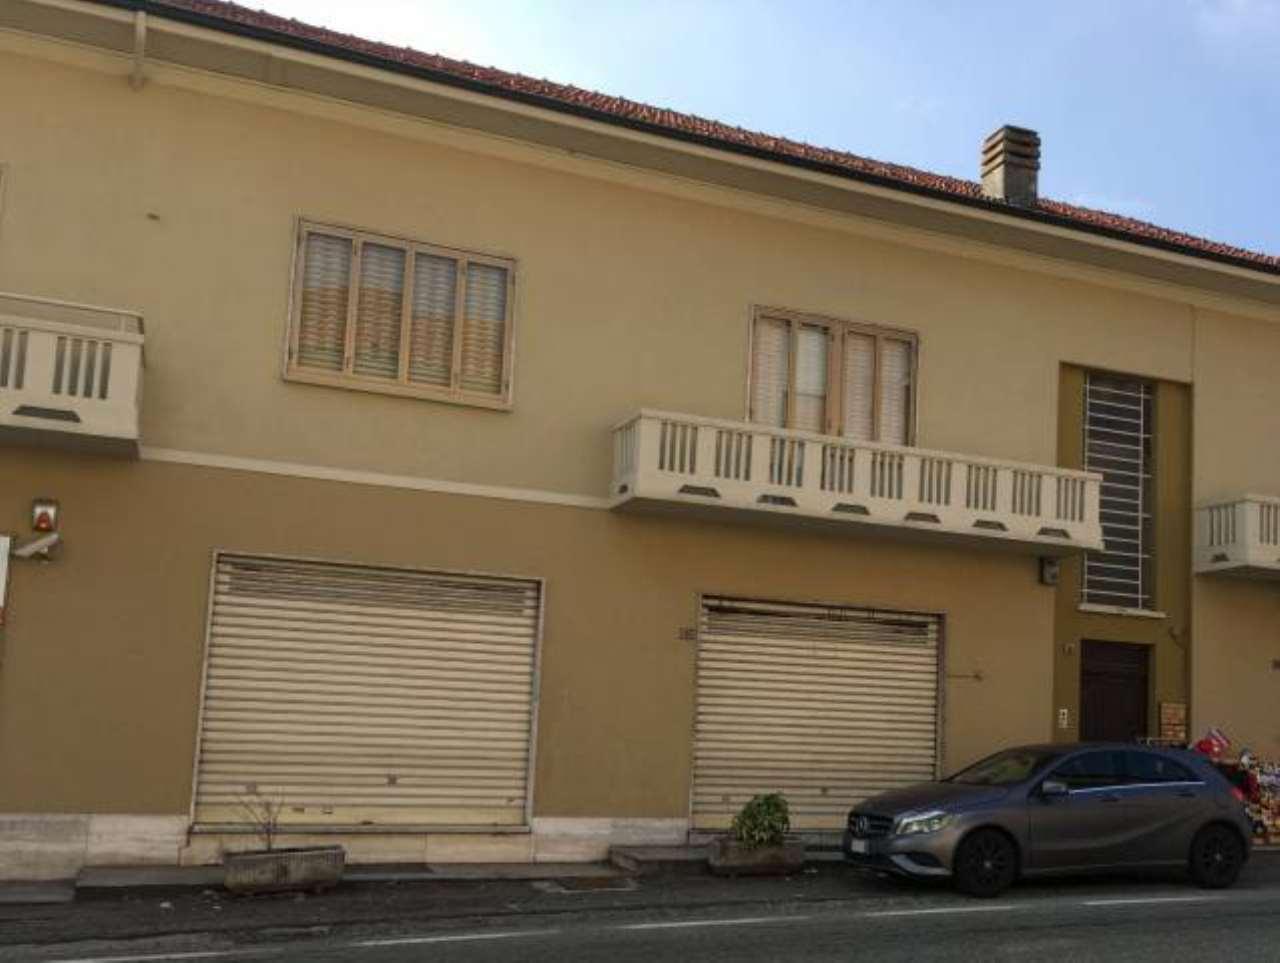 Negozio / Locale in vendita a Balangero, 6 locali, prezzo € 227.000 | CambioCasa.it